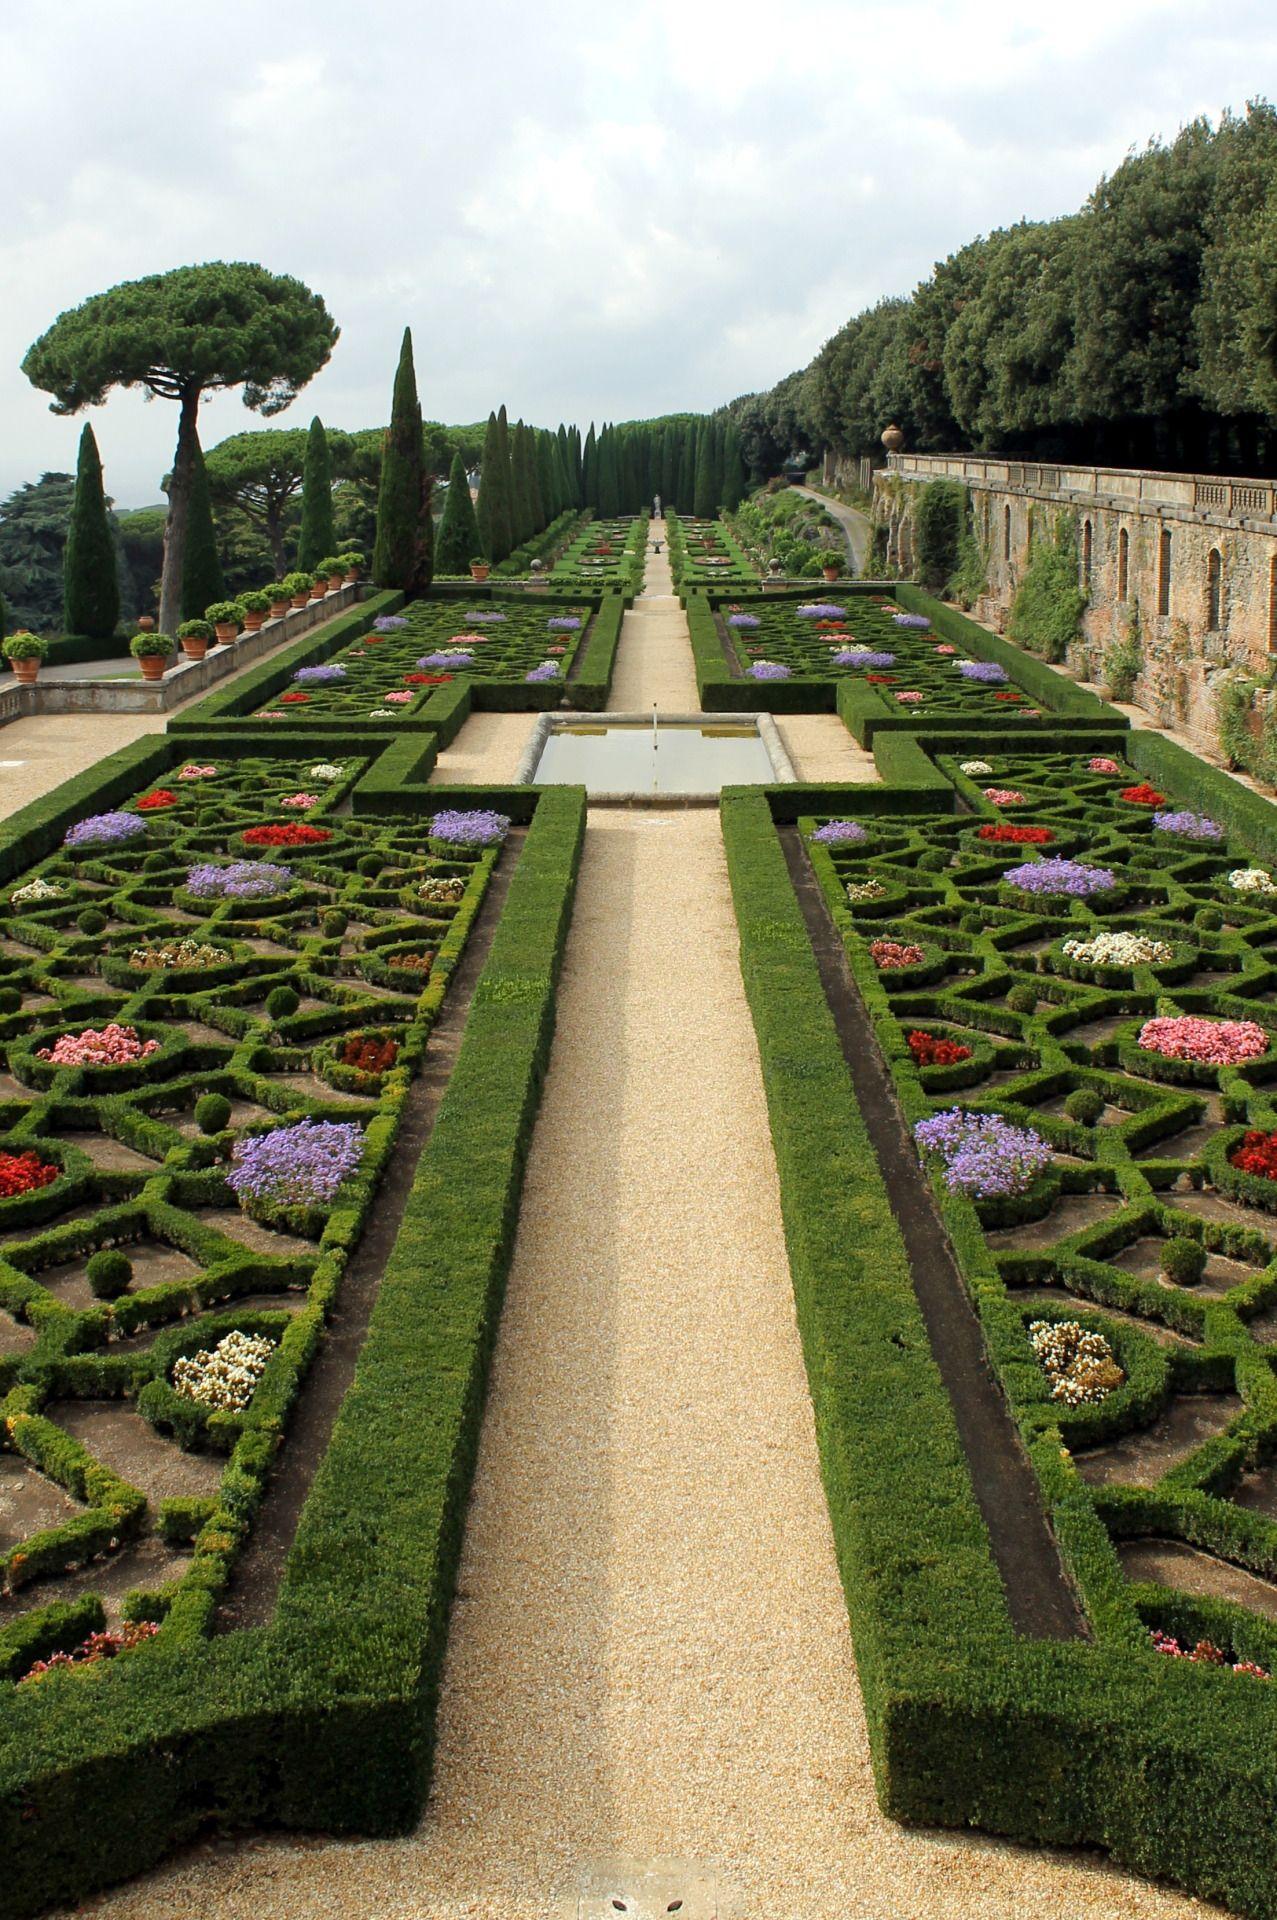 9ea1cf6640e8569f1f8aa981ab793735 - Barberini Gardens Of The Pontifical Villas